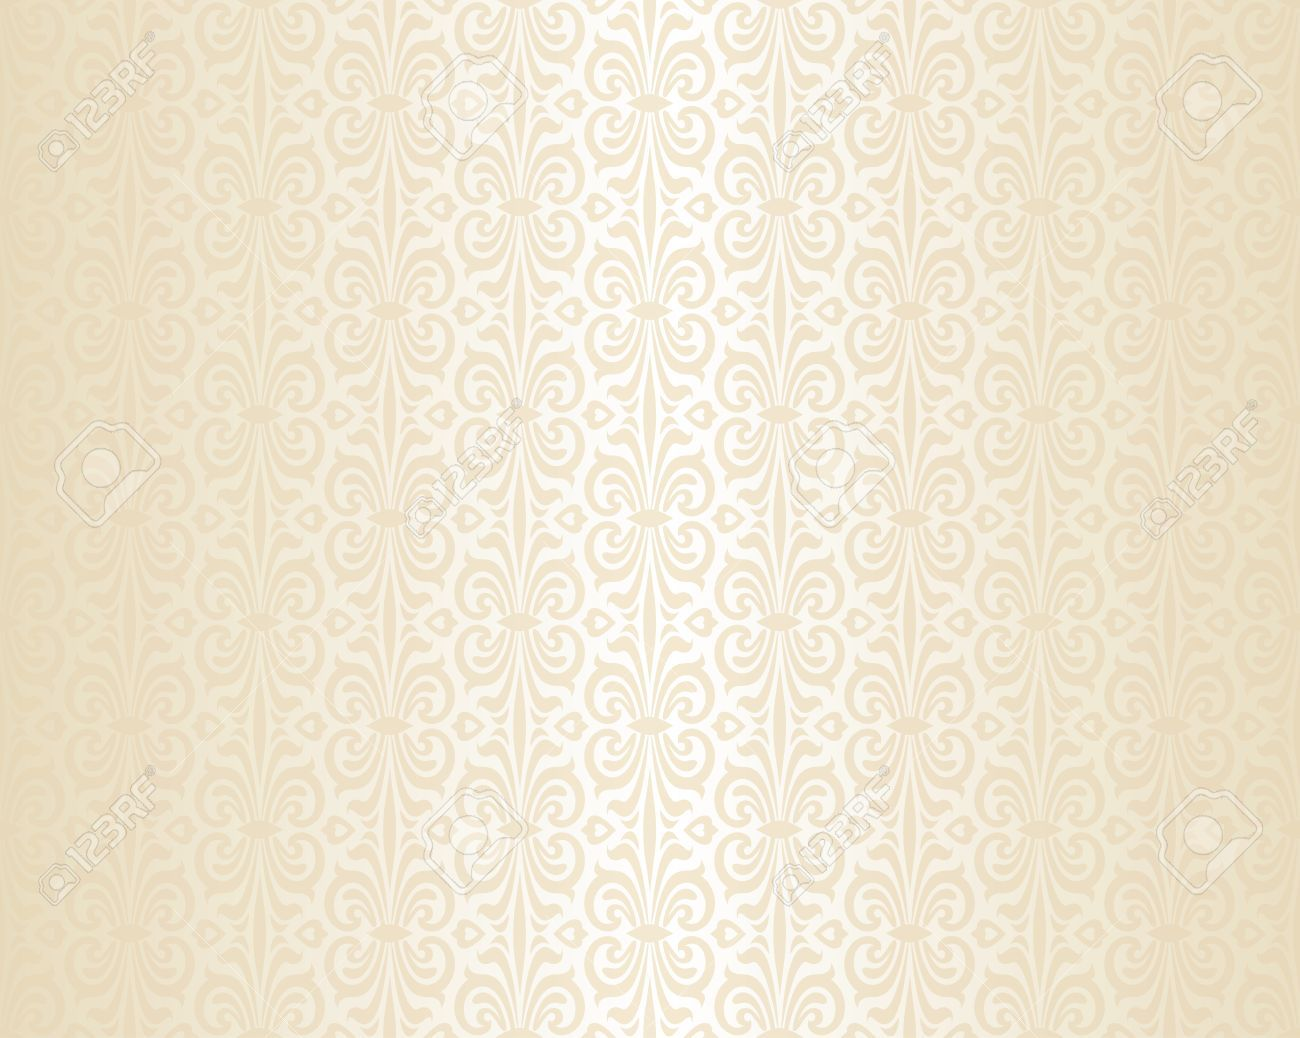 Bright Wedding Beige Luxury Vintage Wallpaper Background Pattern Ad Beige Luxury Bright Wedding Background Wallpaper Beige Vintage Wallpaper